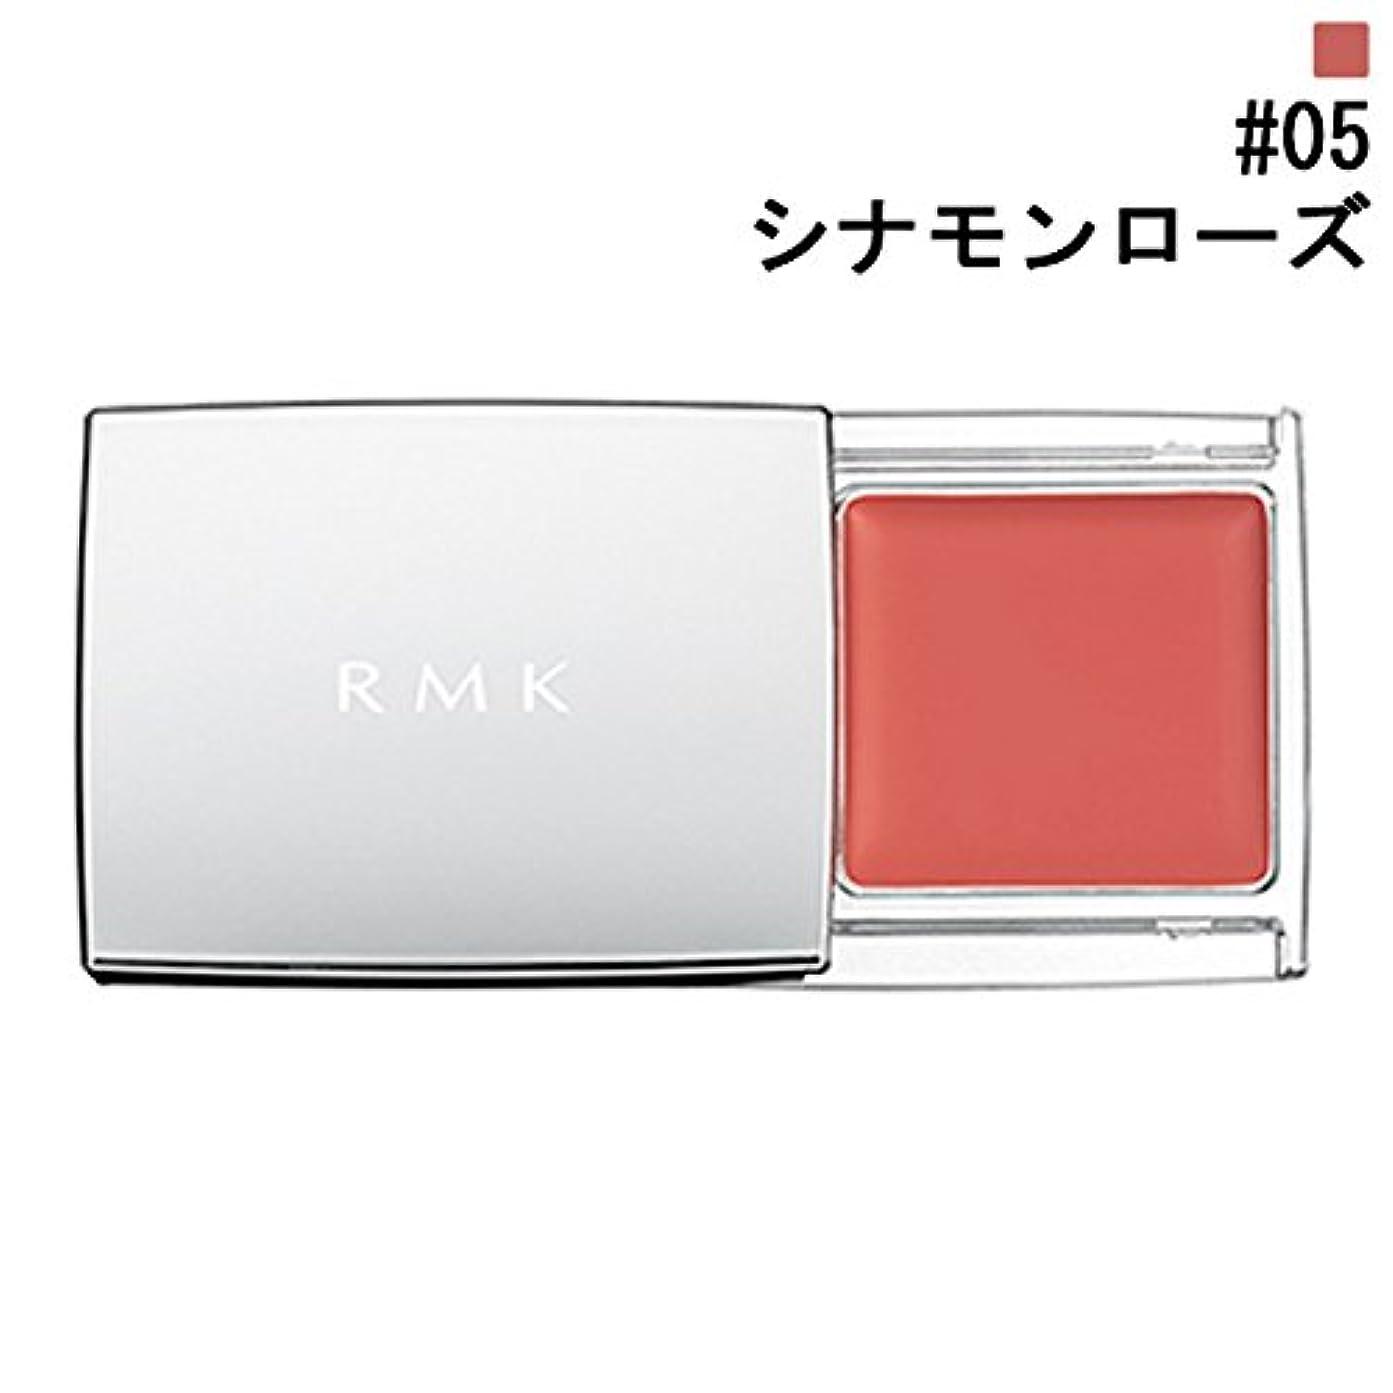 コメンテーターコーナー異常【RMK (ルミコ)】RMK マルチペイントカラーズ #05 シナモンローズ 1.5g